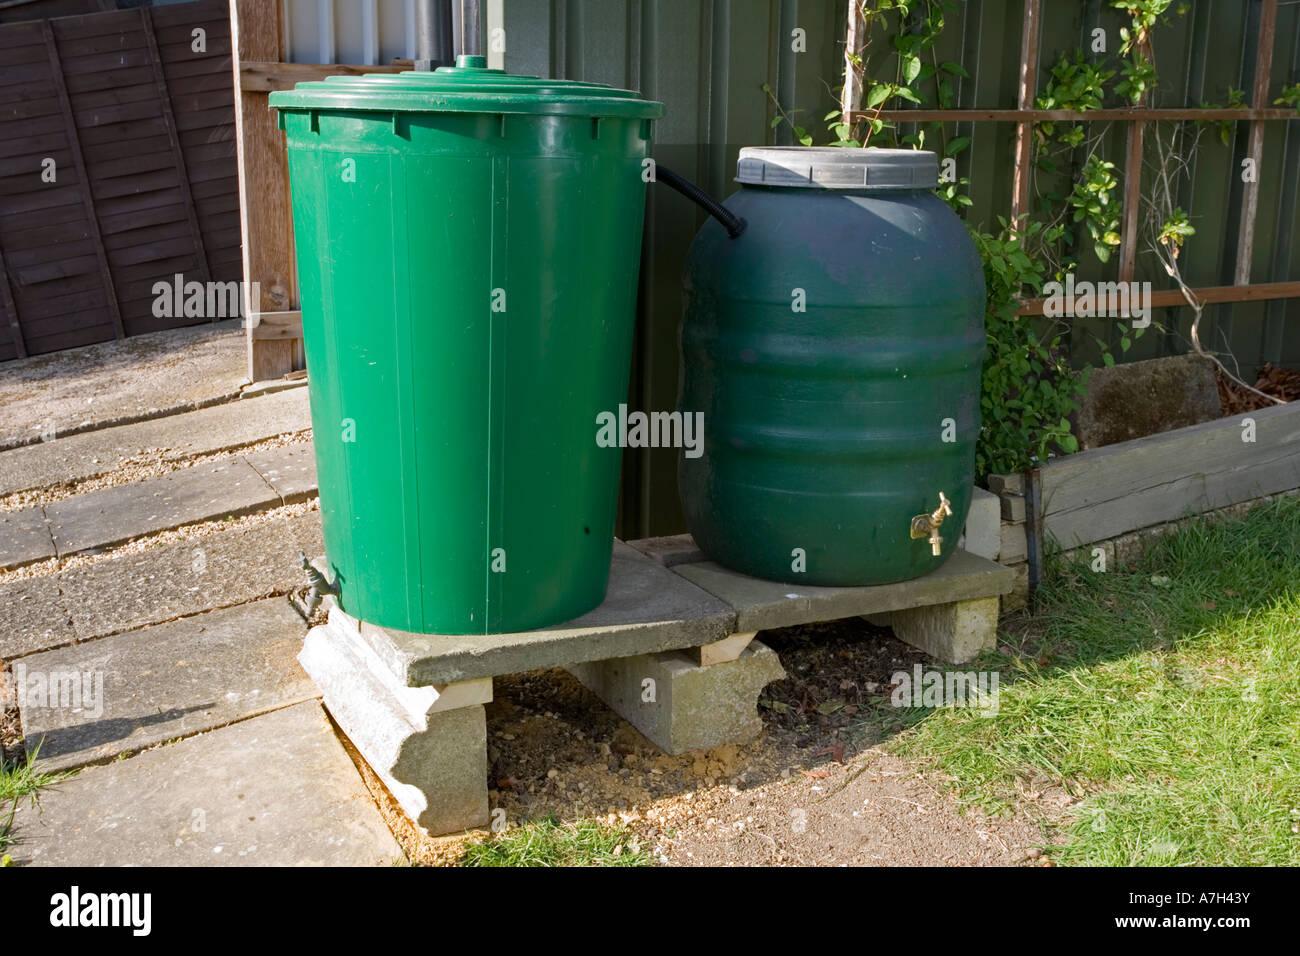 Gut bekannt Verknüpft zwei grüne Kunststoff Regentonnen sammeln und Speichern AY08